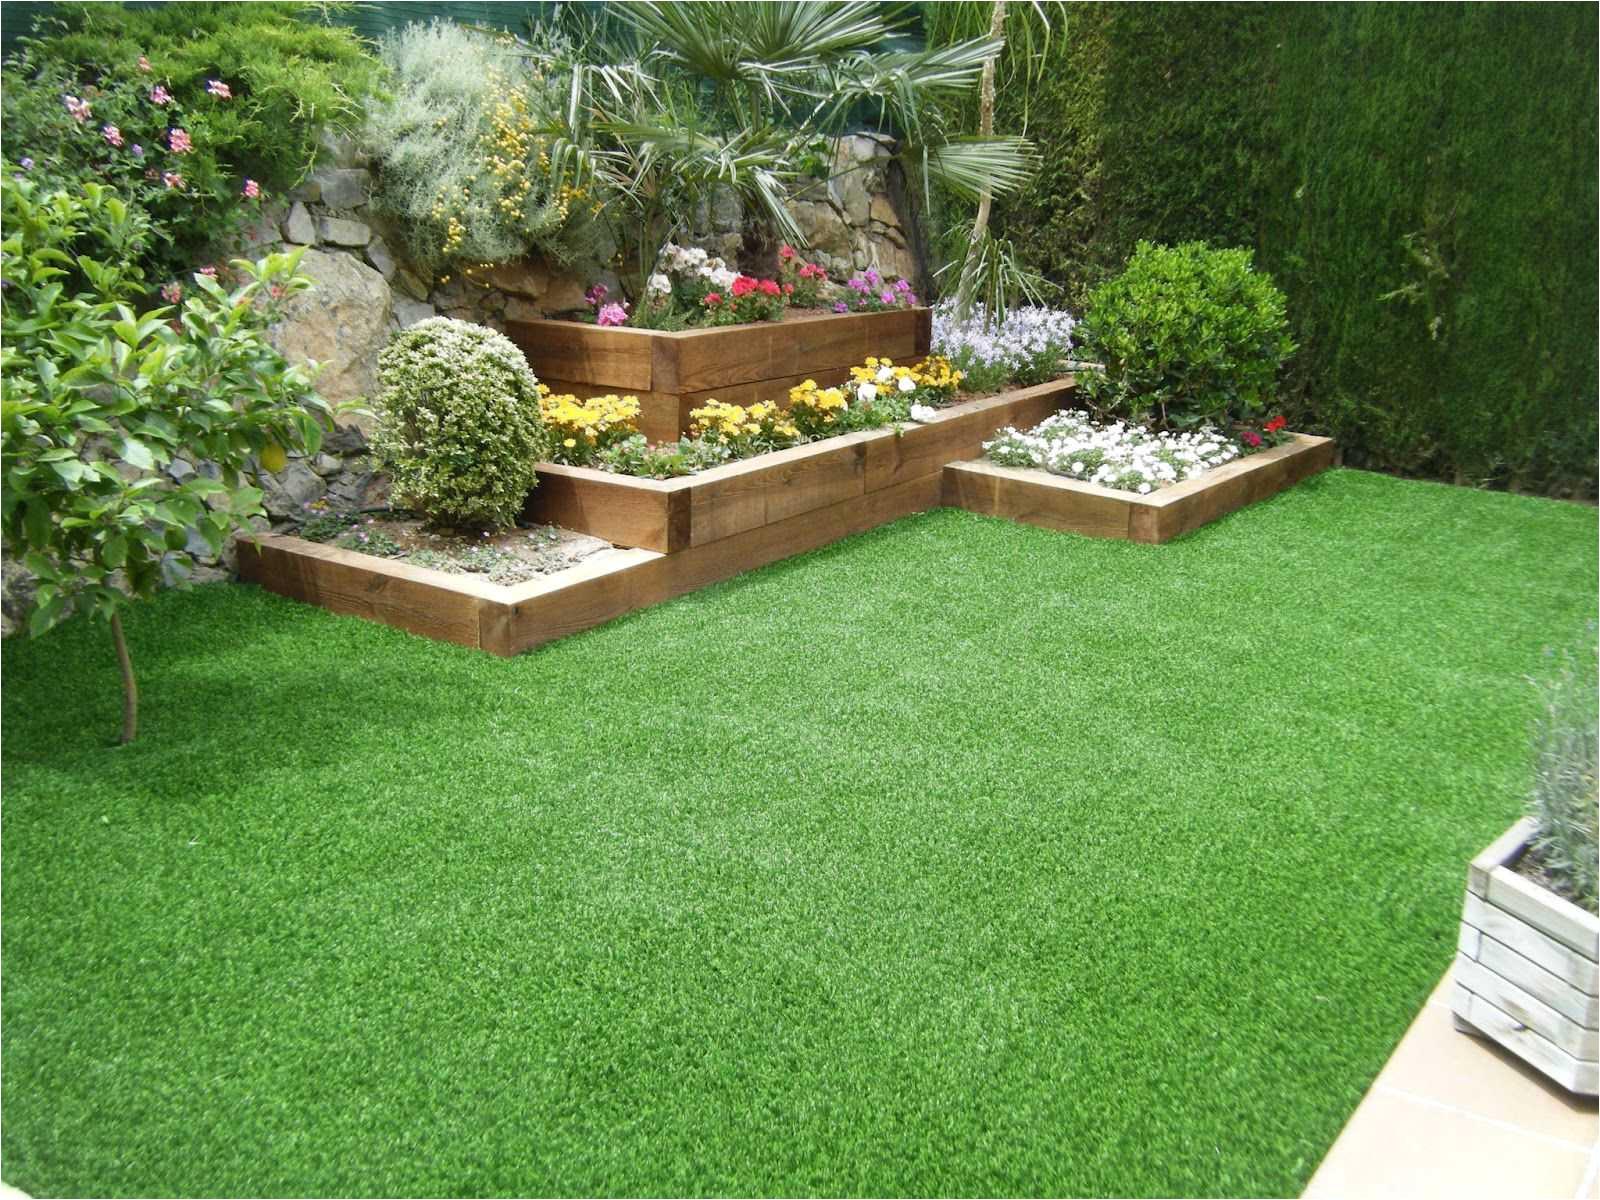 best diseo jardines pequeos imagenes decoracion diseno pequenos with diseo jardines pequeos